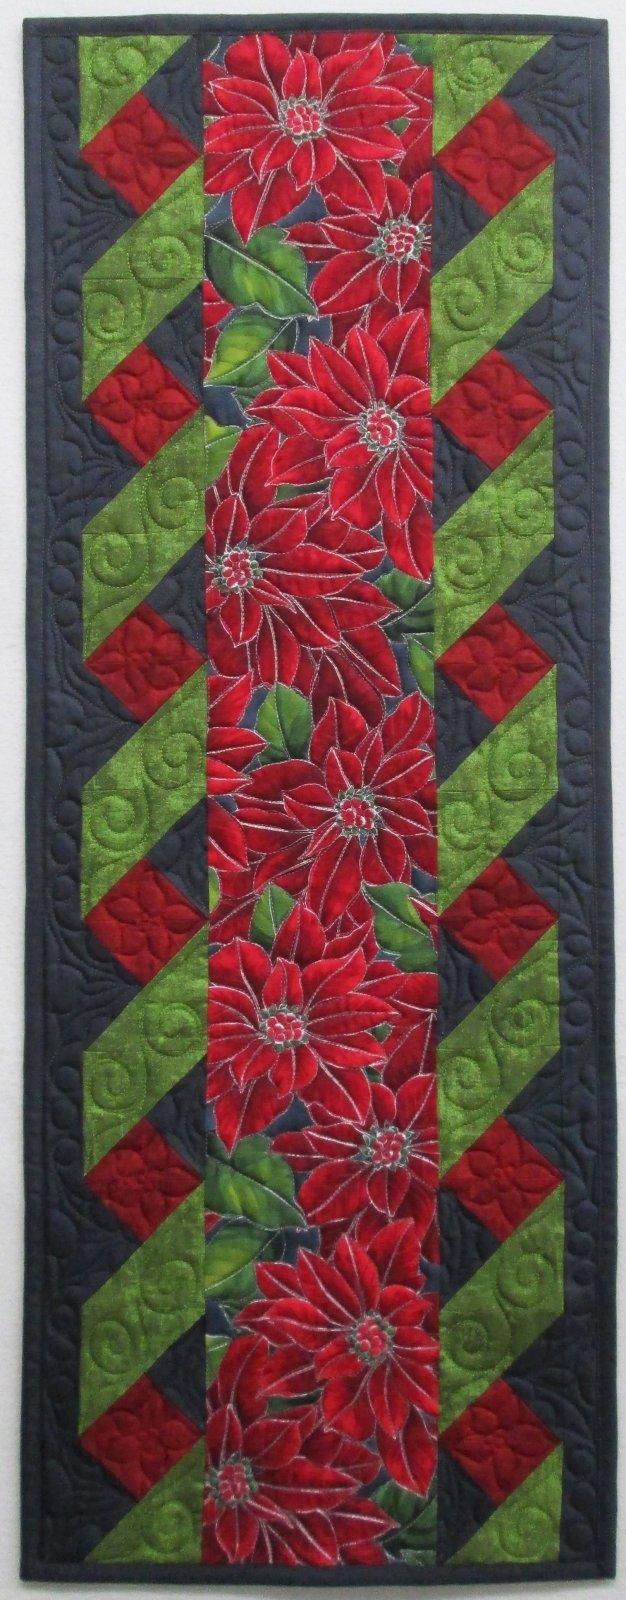 Poinsettia Song Twister Table Runner KIT